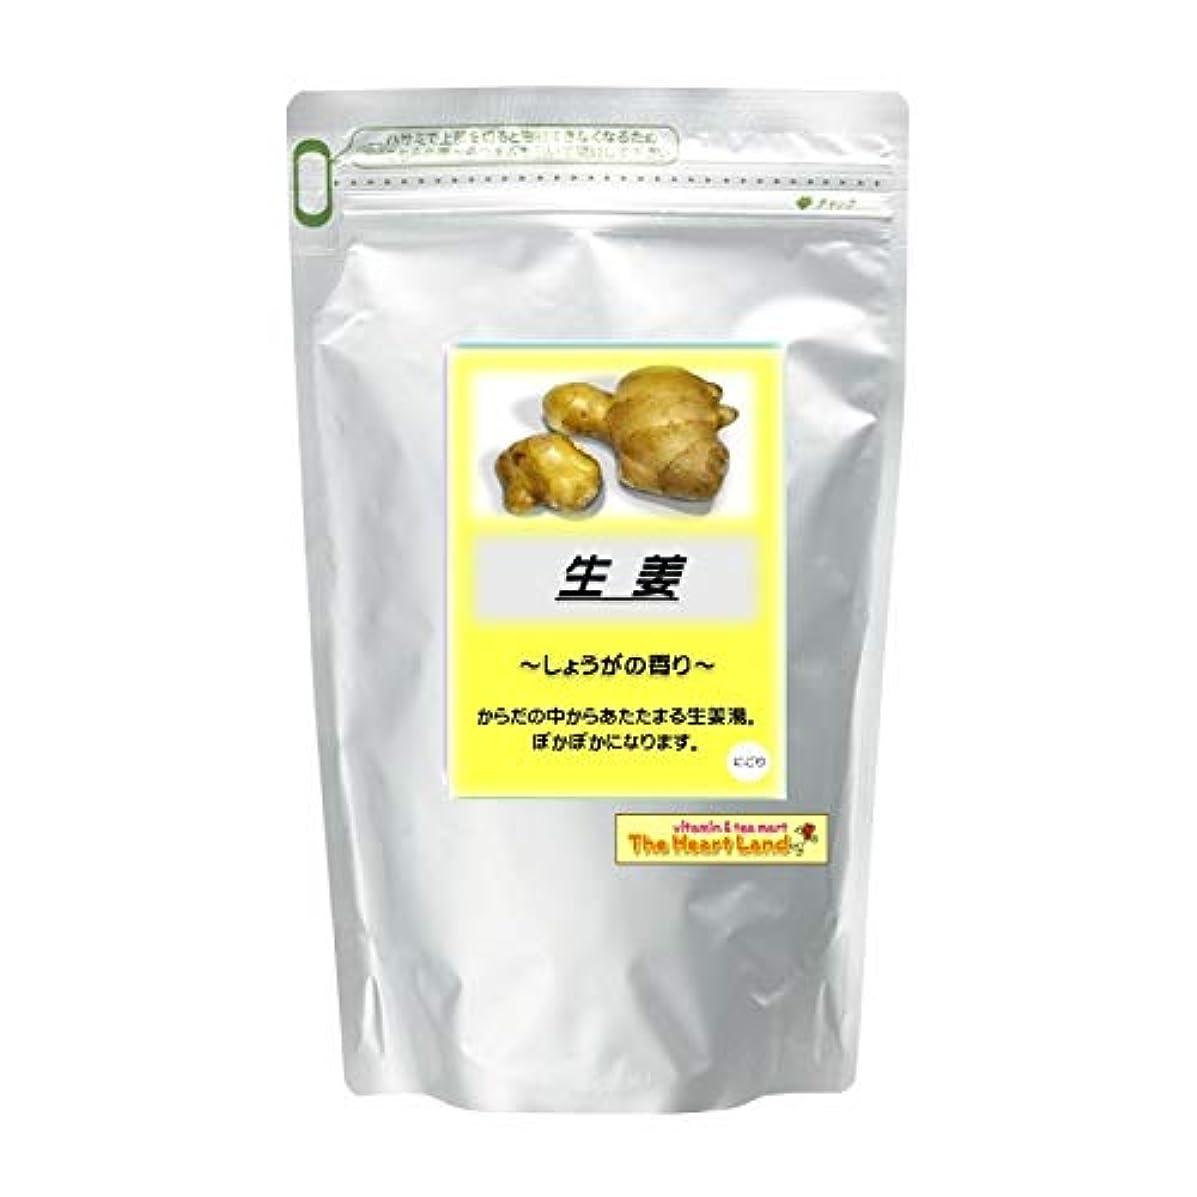 パイル責めエスニックアサヒ入浴剤 浴用入浴化粧品 生姜 2.5kg